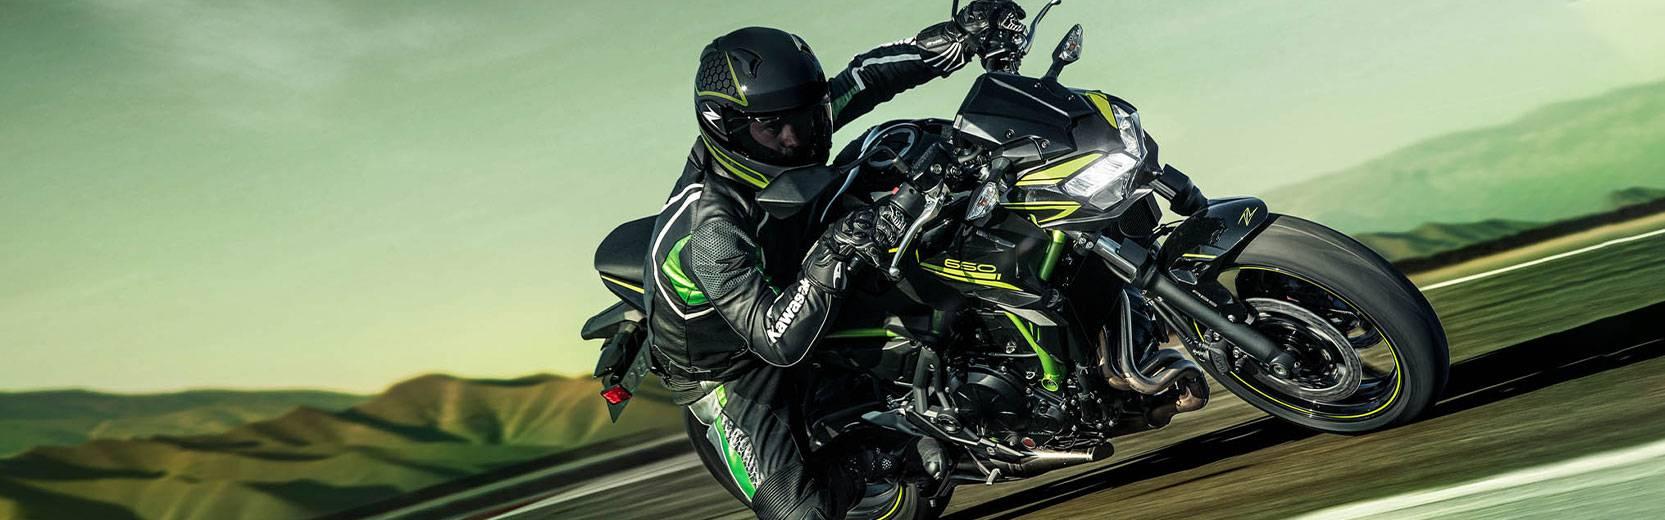 2019 Kawasaki Ninja H2 / H2 Carbon